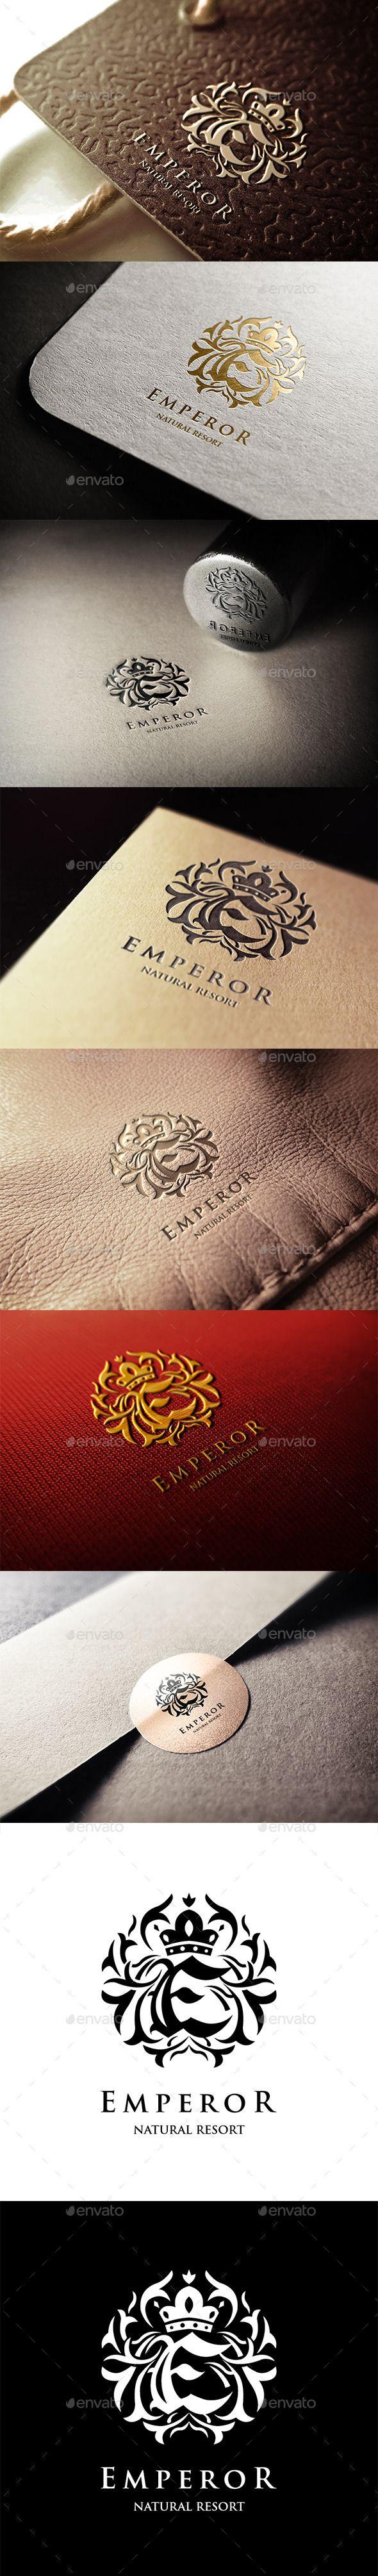 Emperor Resort Logo